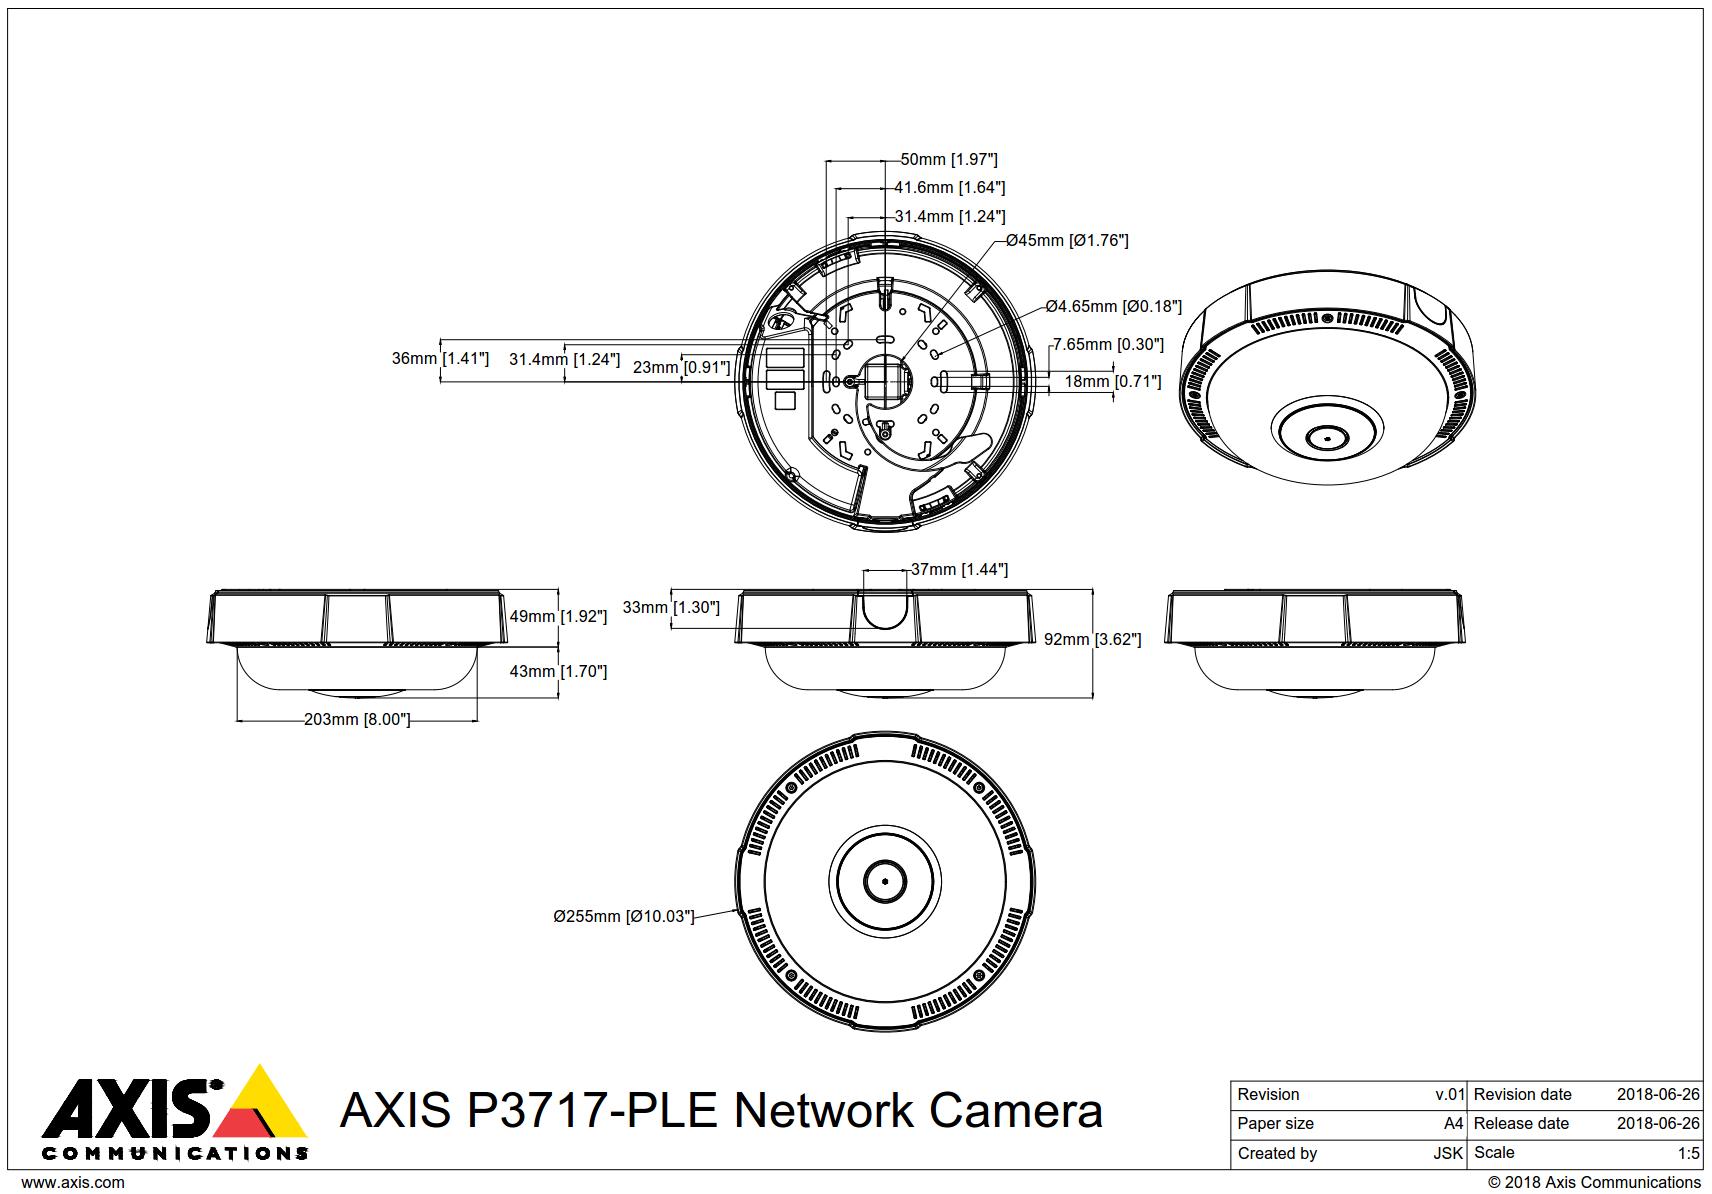 P3717-PLE Dimensions